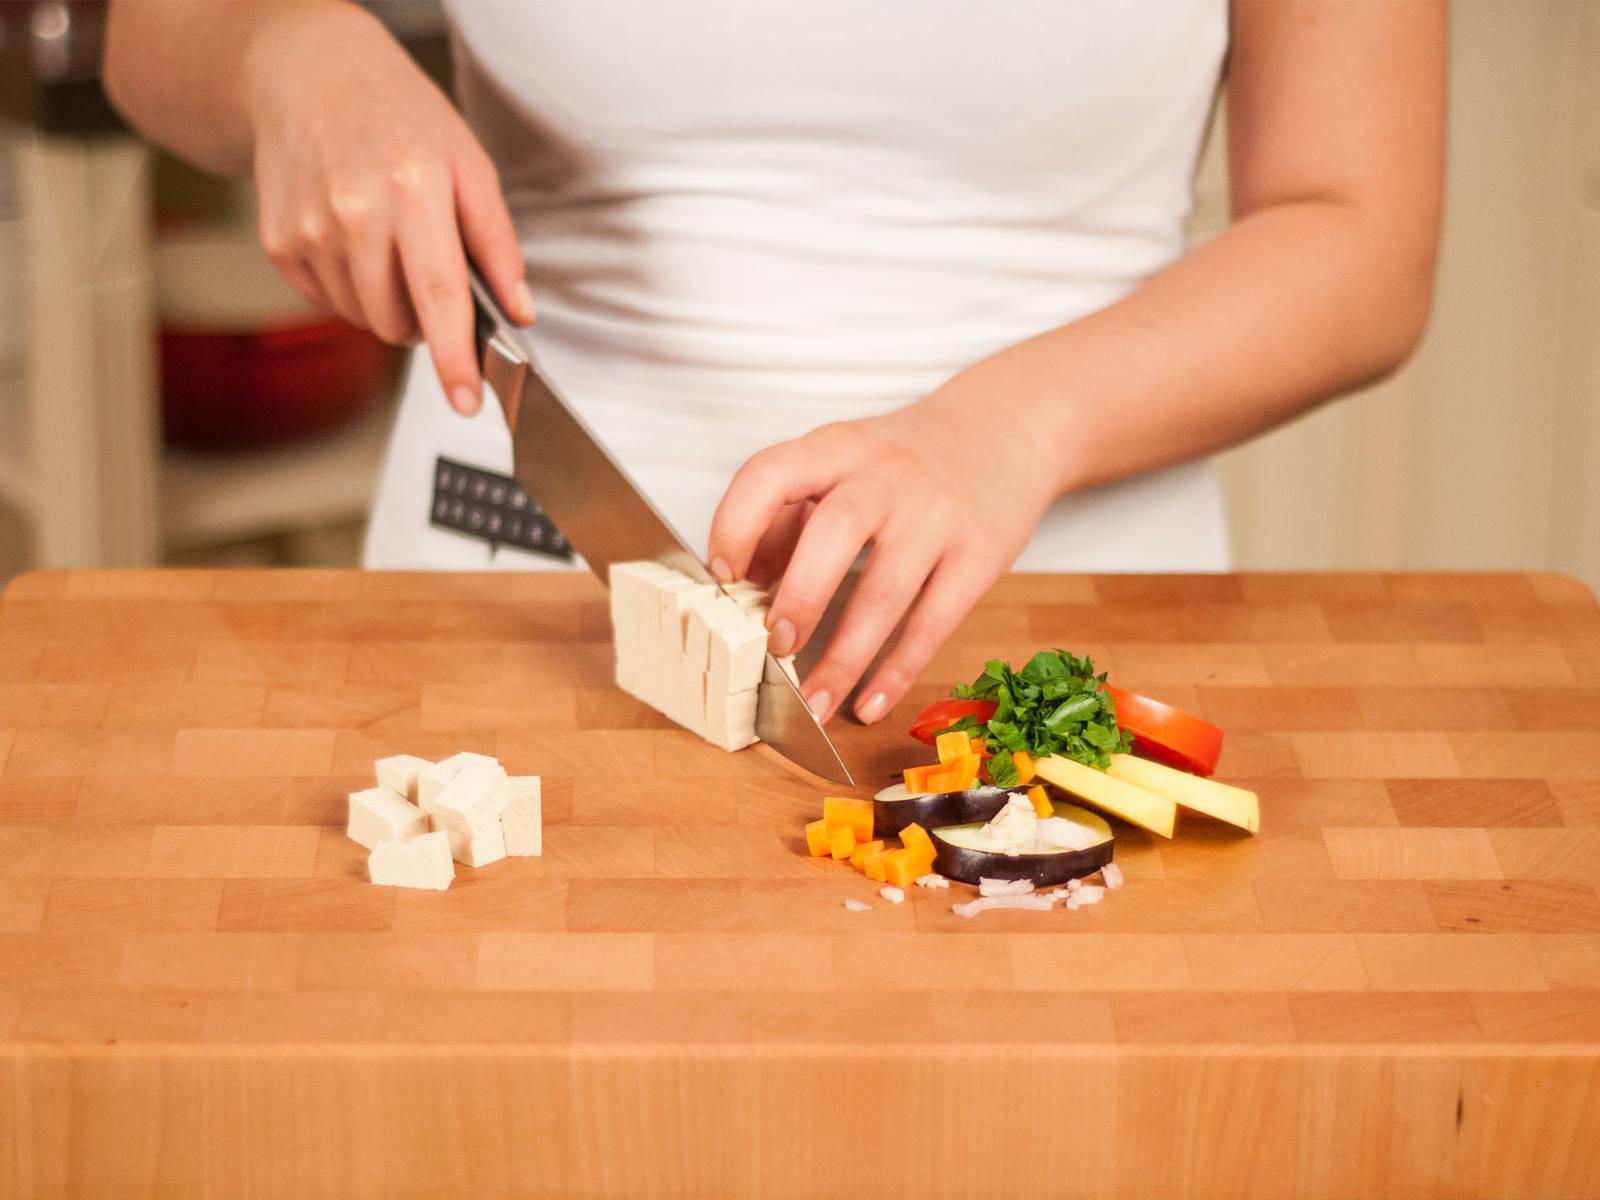 将土豆、茄子和番茄切成片。将红葱头和胡萝卜切成小丁,将大蒜剁成末,将欧芹粗粗剁碎,将豆腐切成小方块。